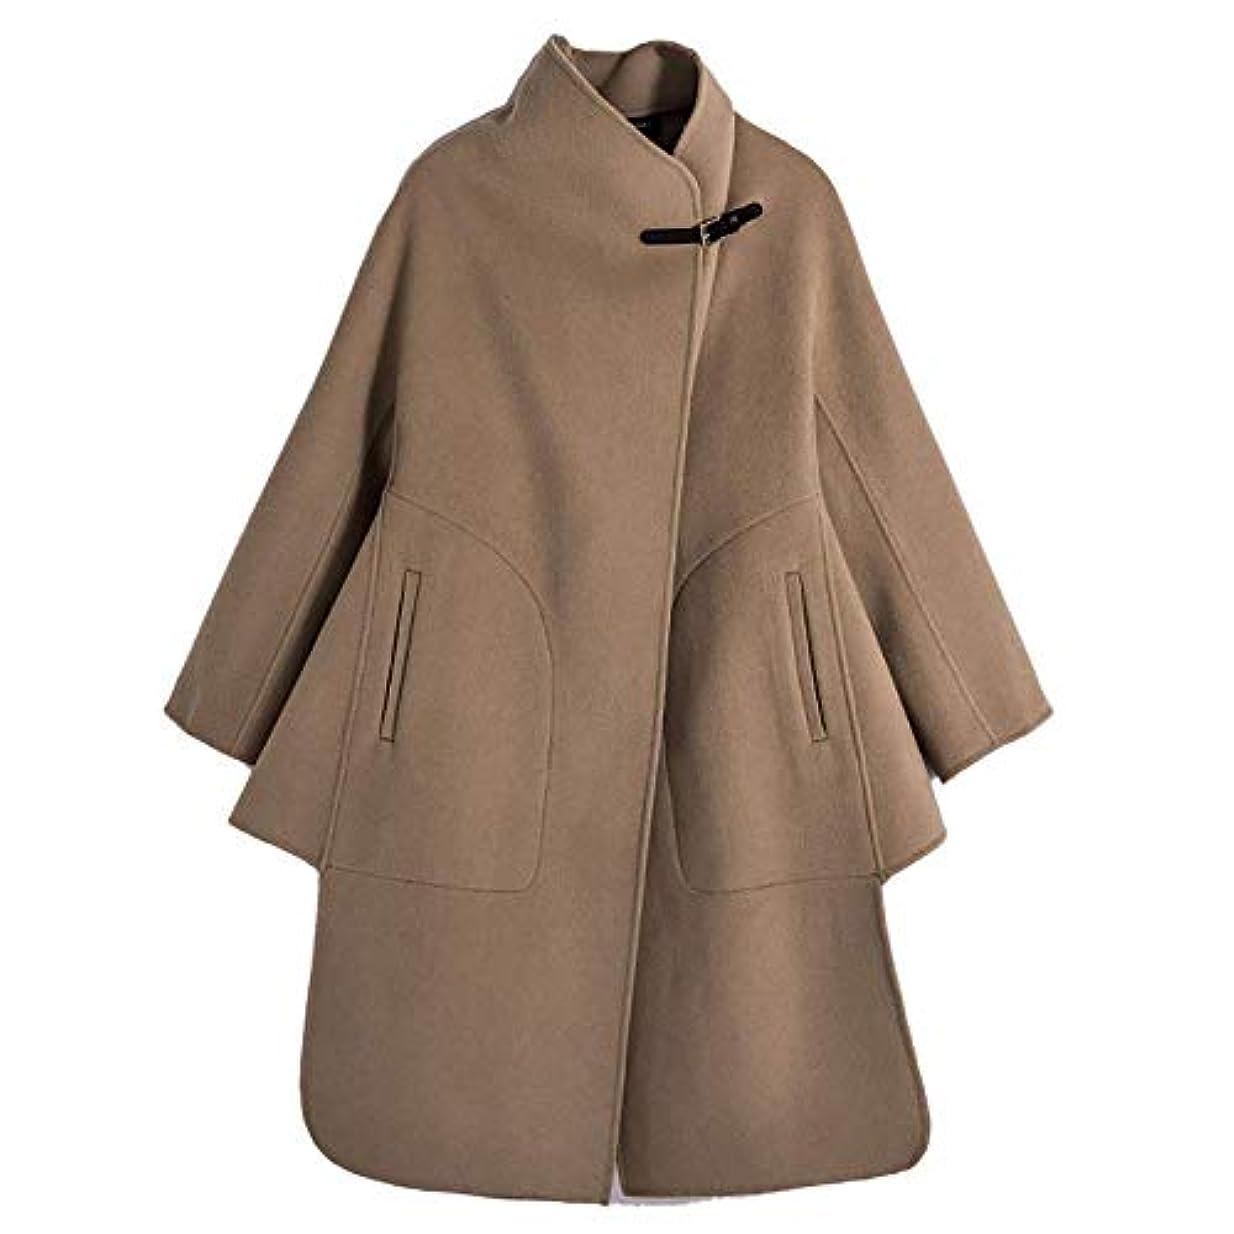 インクジャベスウィルソンみぞれ両面のウールコート、ウールレザーバックル両面ウールコート女性のウールコートレディースジャケットレディース?コートレディースウインドブレーカージャケット,ブラウン,XS